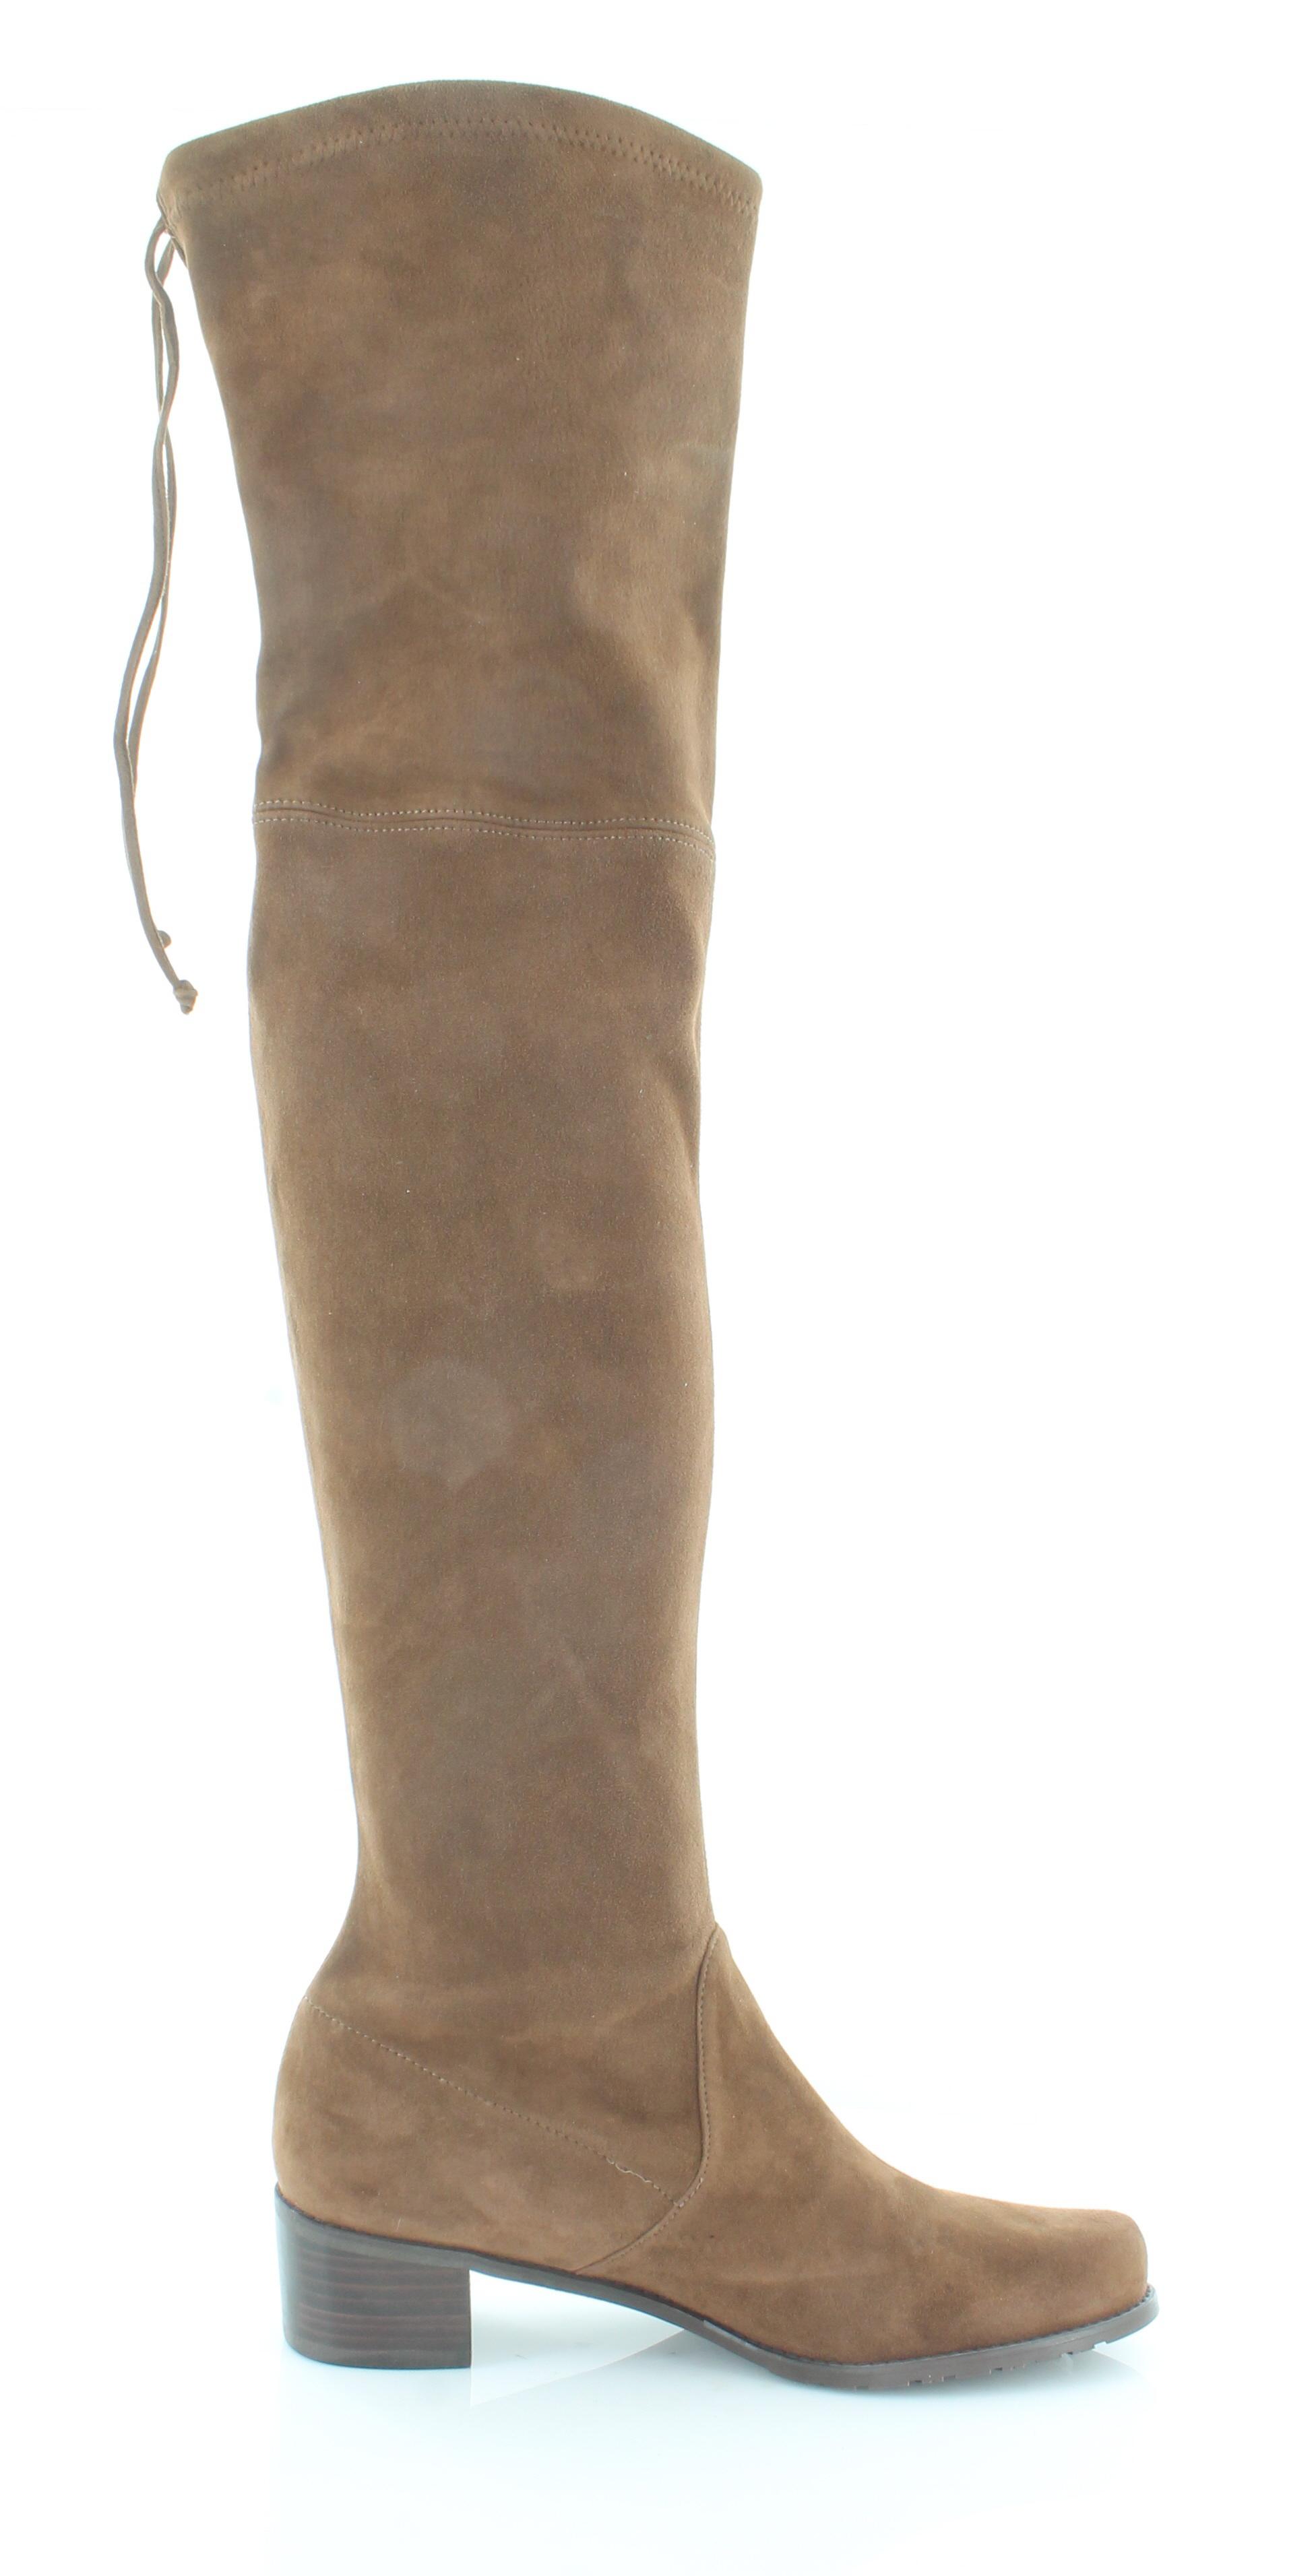 risparmia il 60% di sconto Stuart Weitzman Midland Marrone Marrone Marrone donna scarpe Dimensione 9 M stivali MSRP  798  vendite online